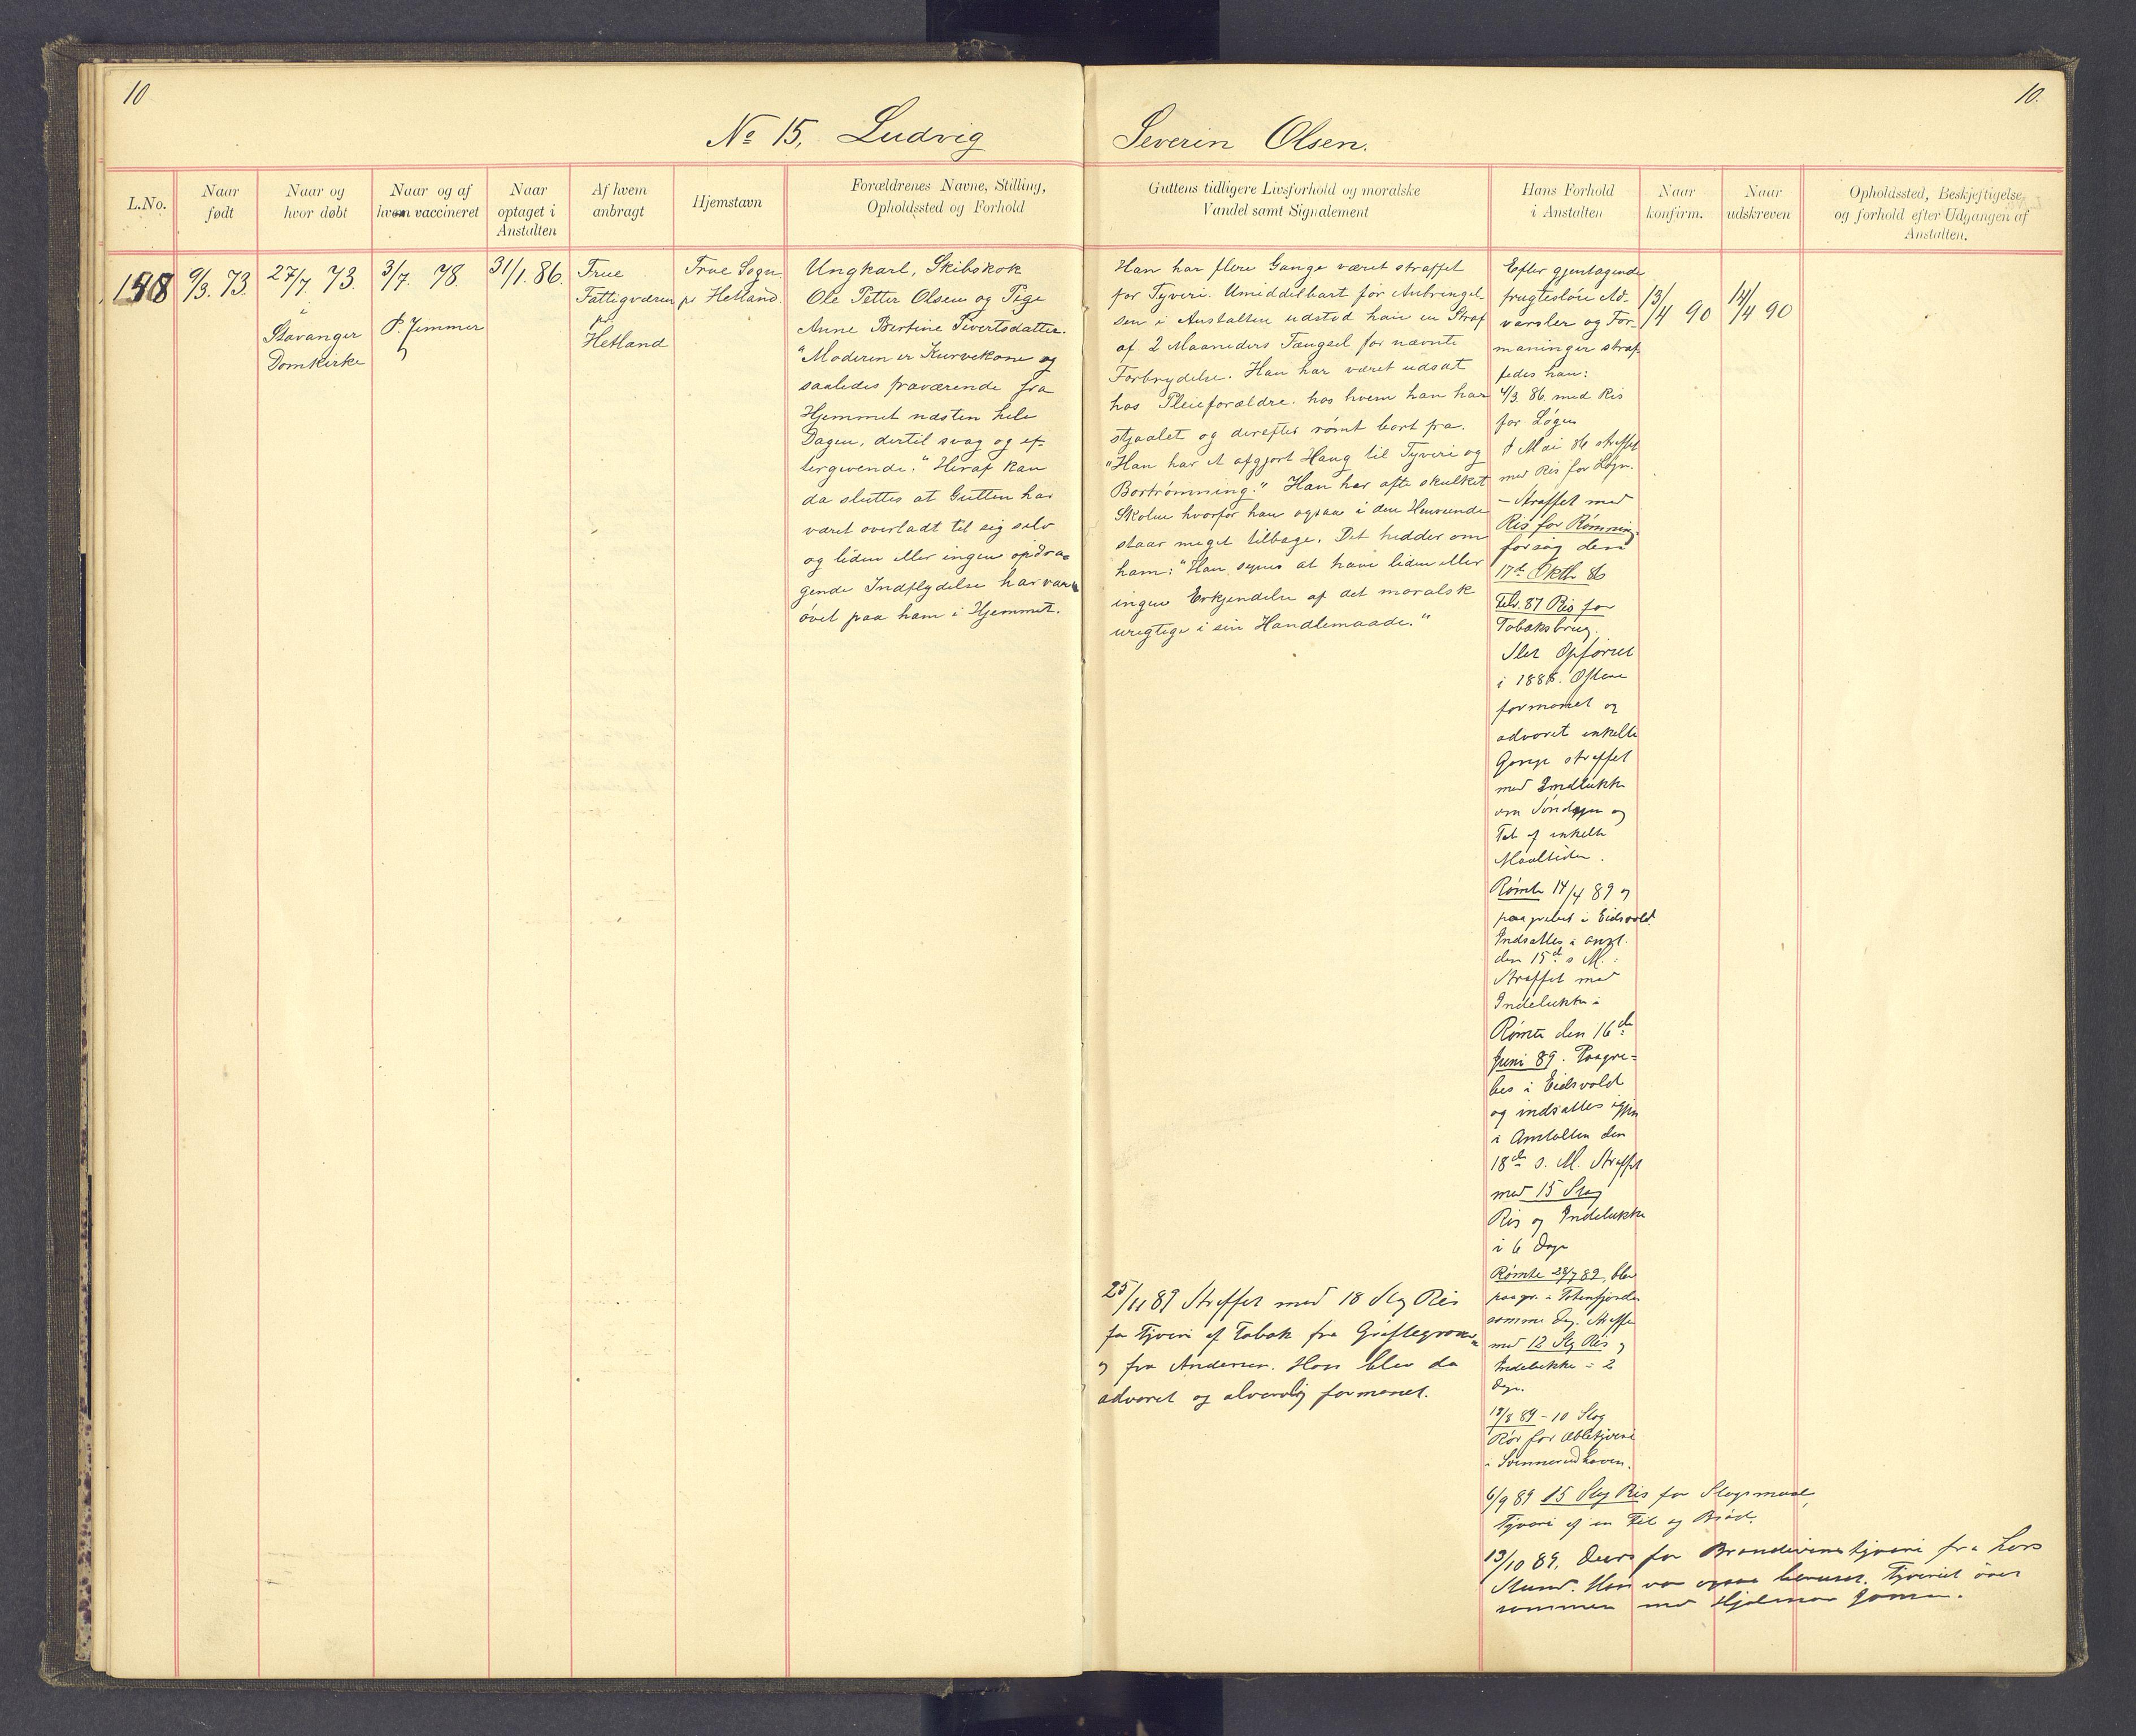 SAH, Toftes Gave, F/Fc/L0004: Elevprotokoll, 1885-1897, s. 10